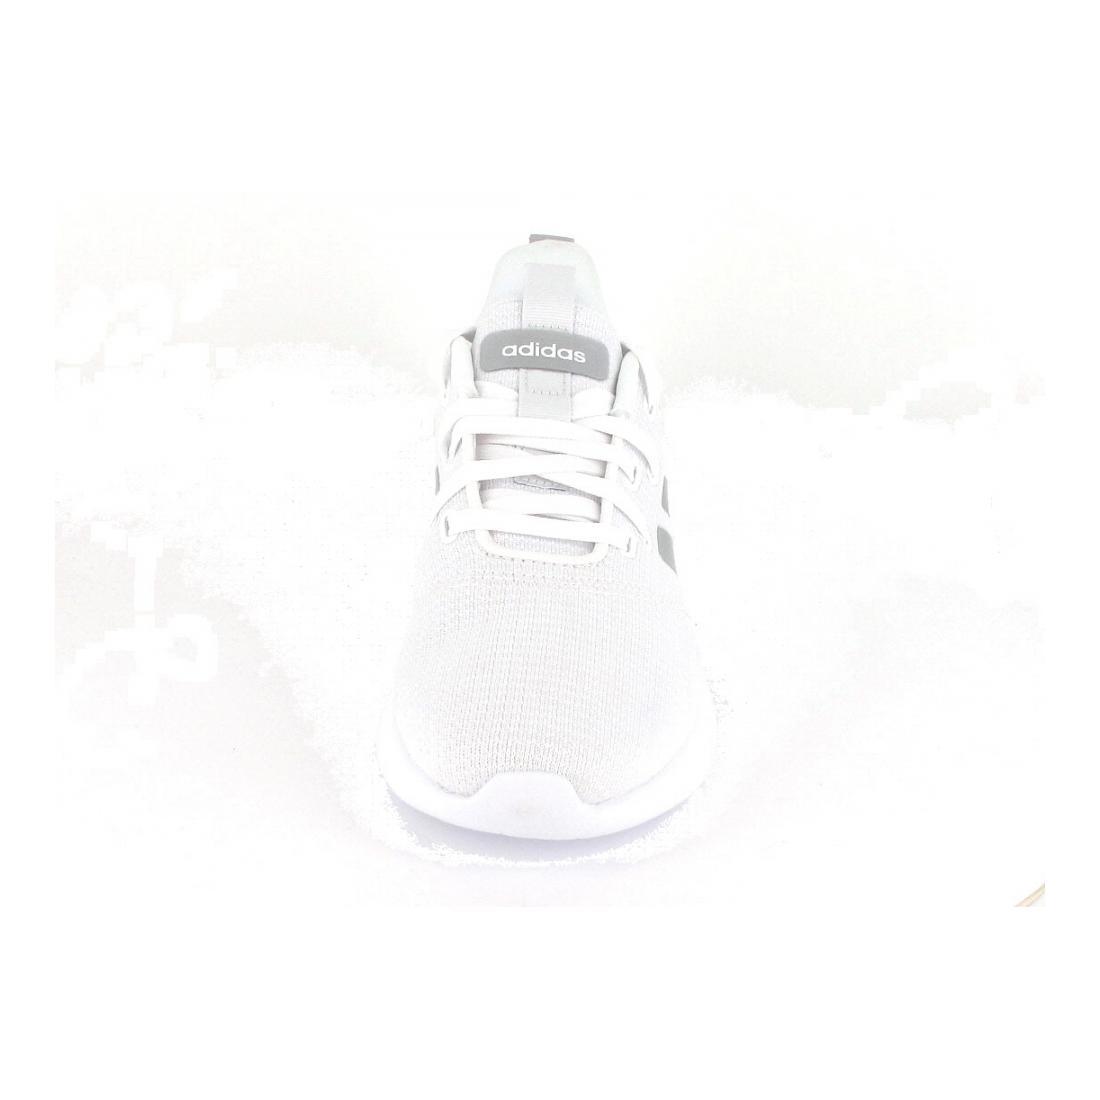 adidas Schnürer PUROMOTION